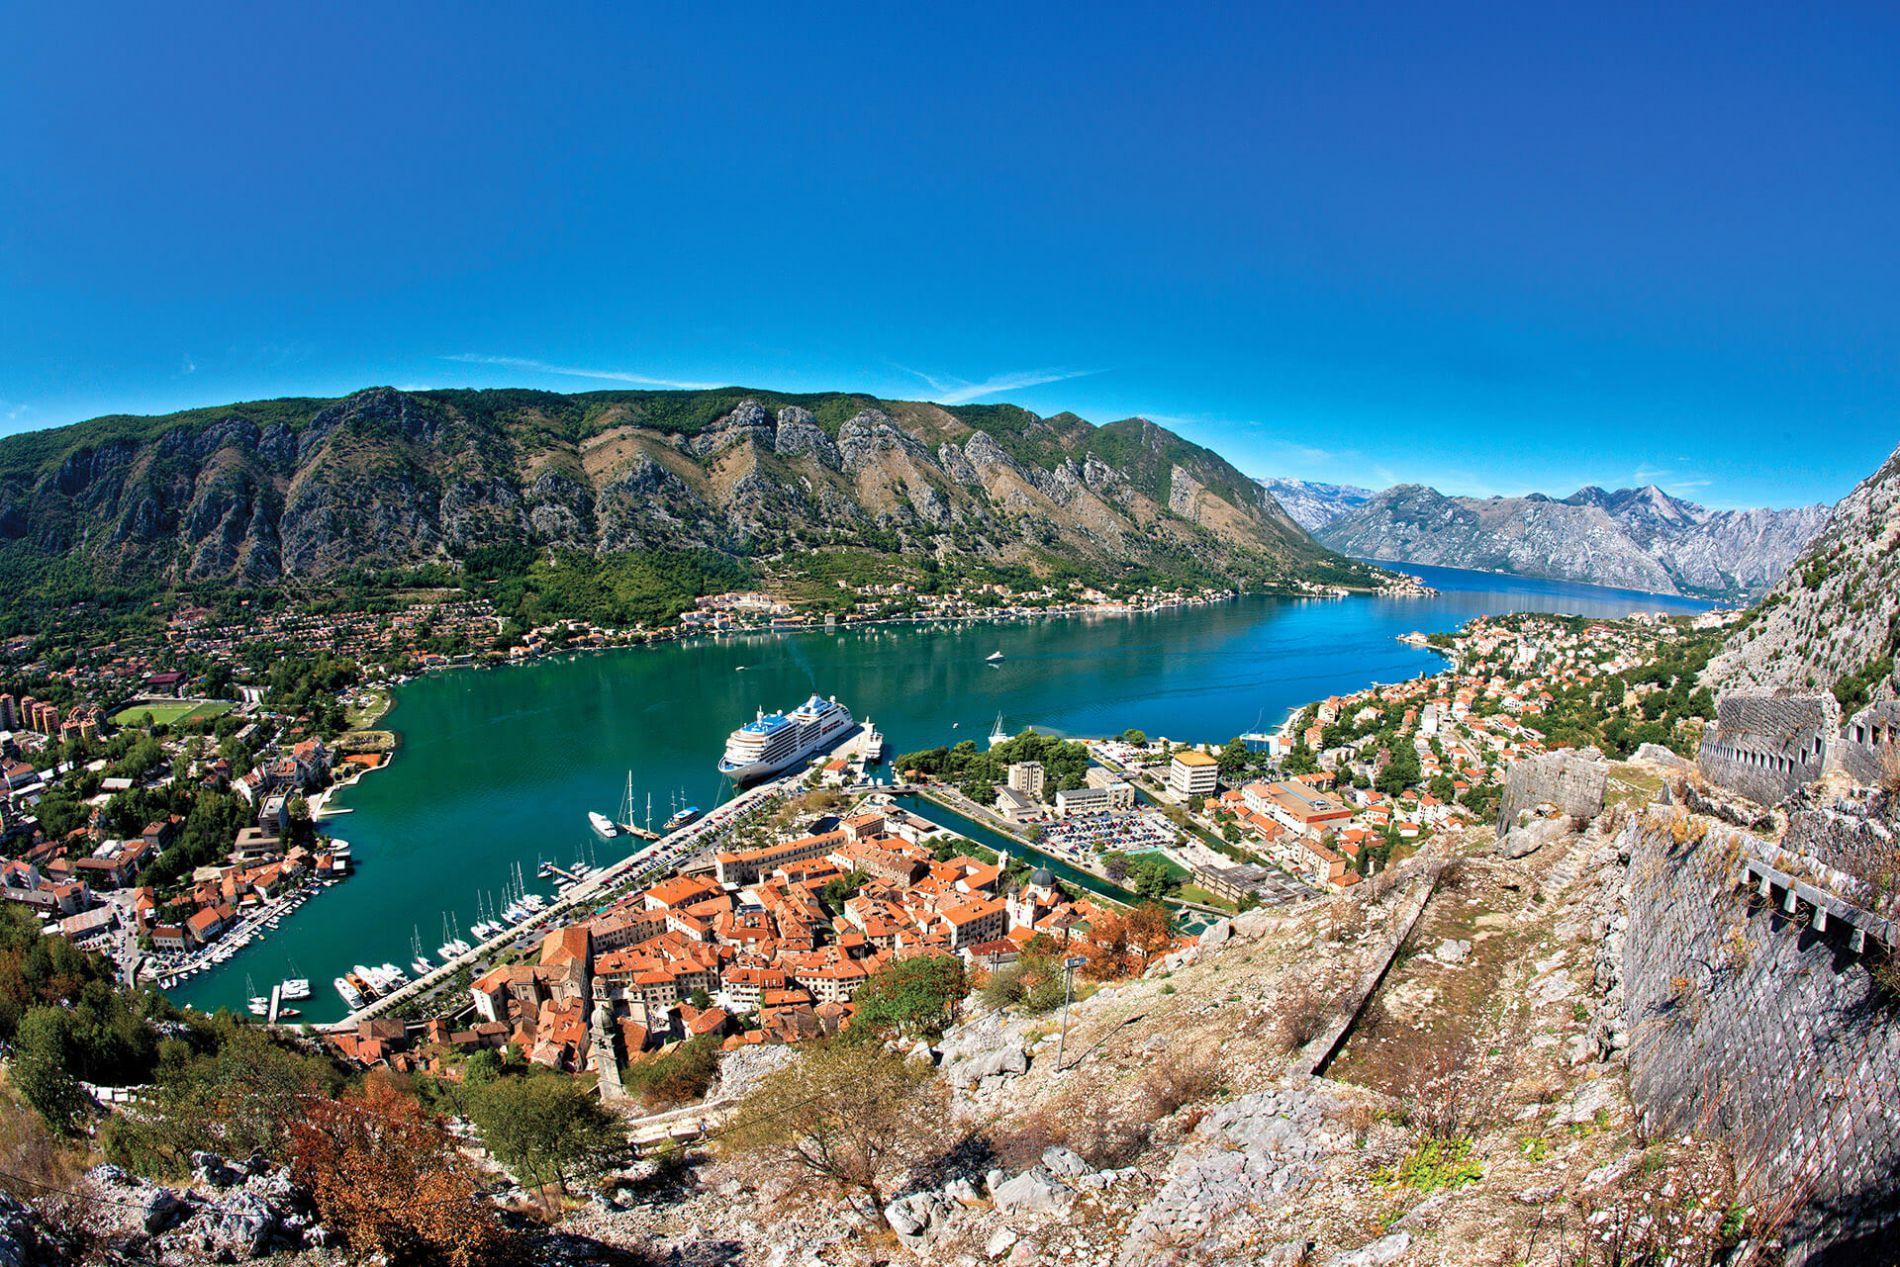 отдых в черногорье картинки менее, стоимость его